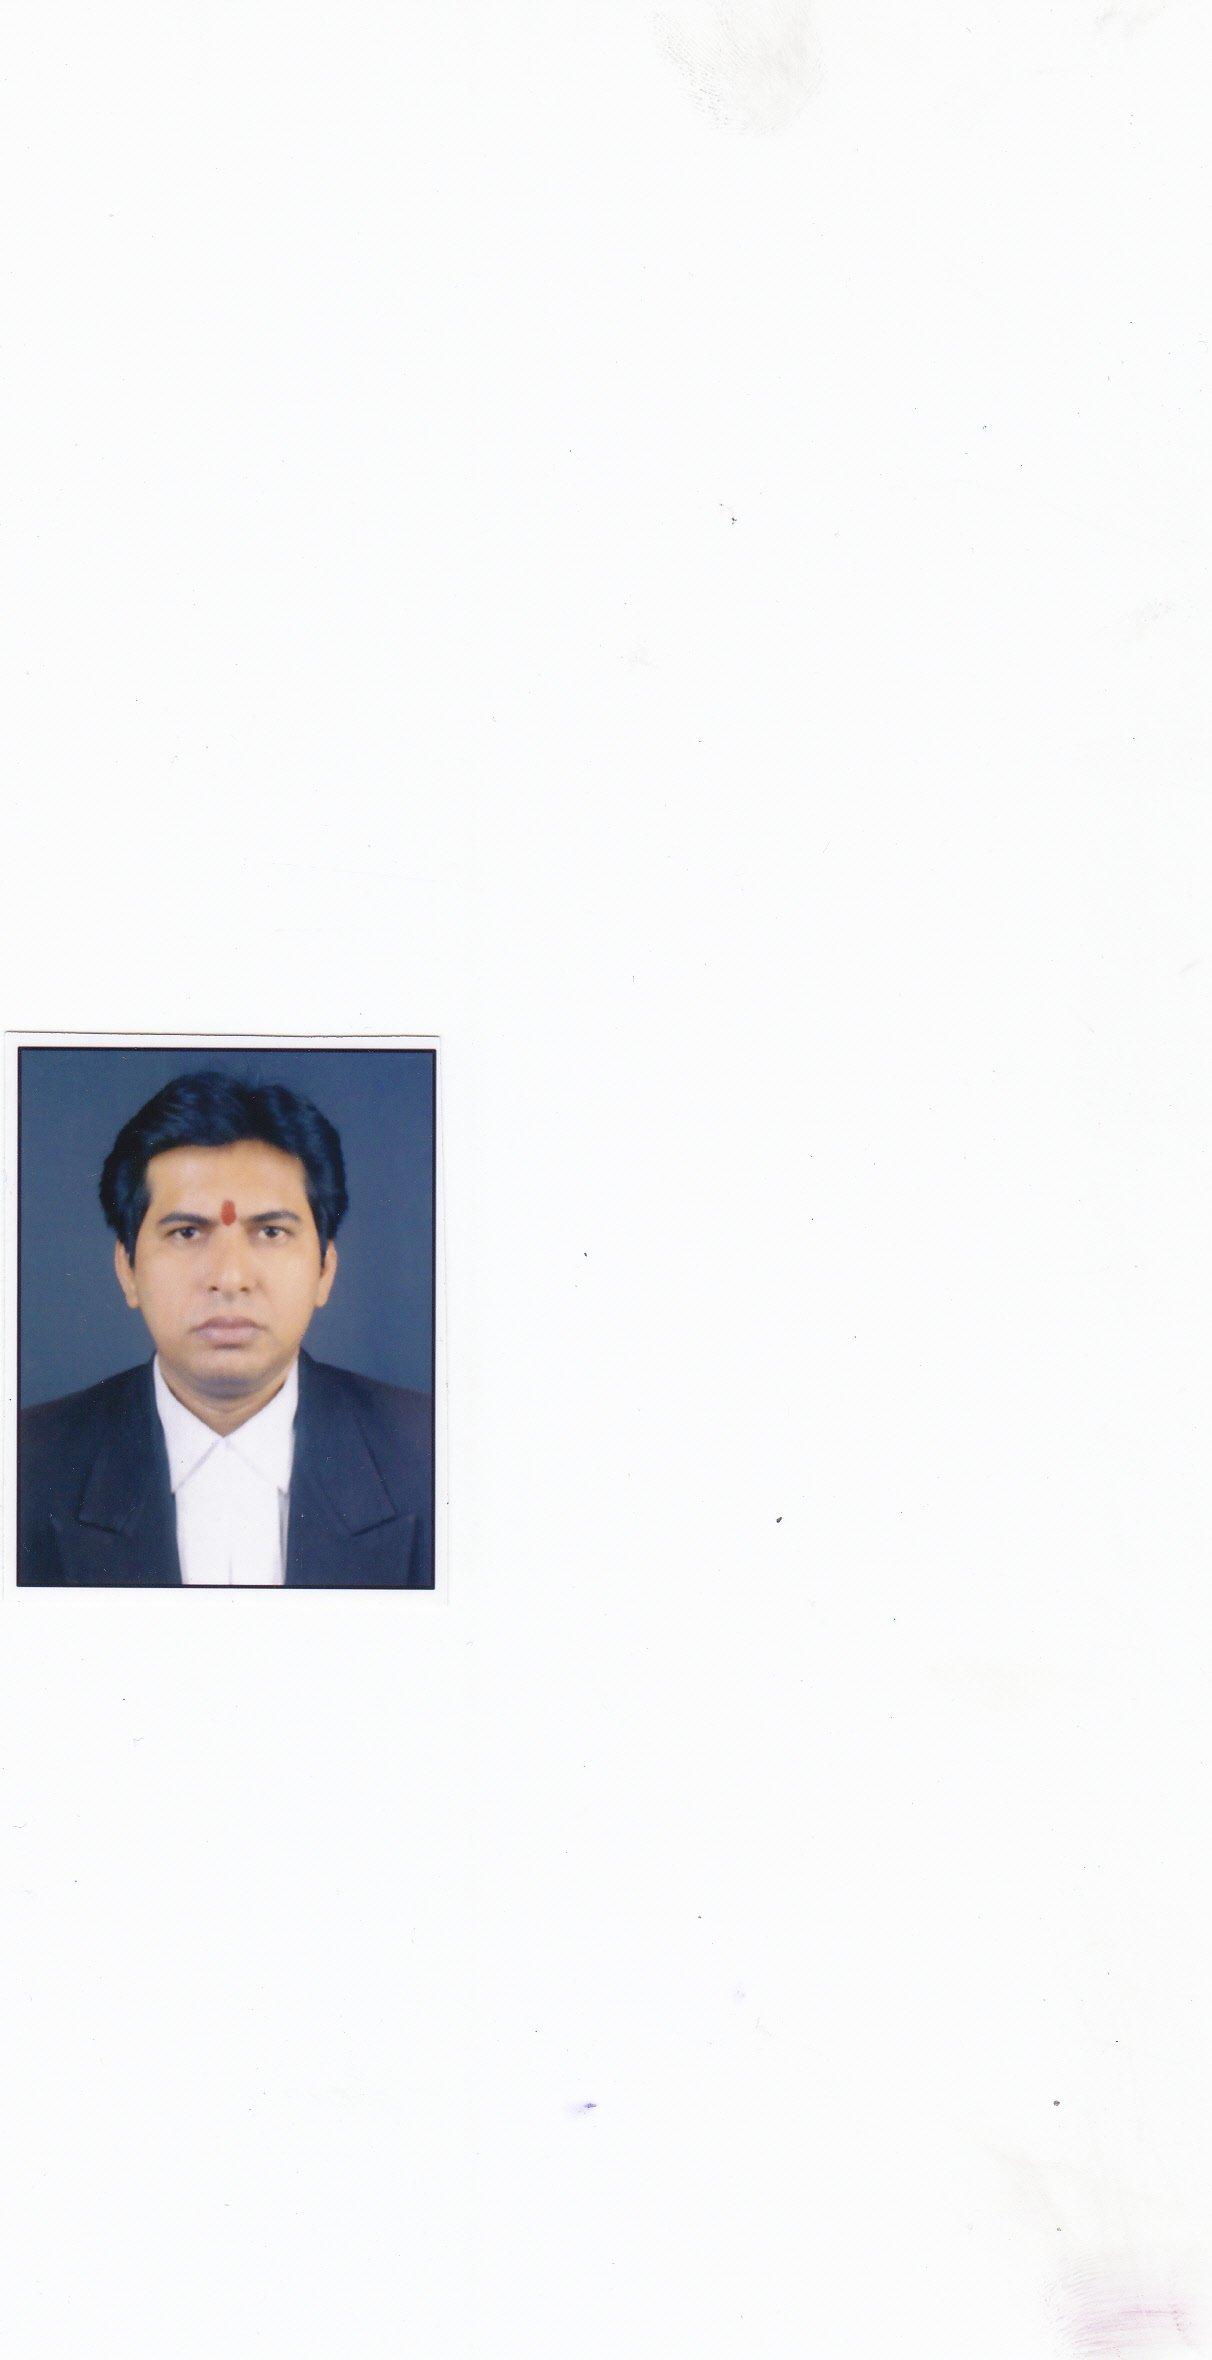 Advocate Rajendra Prasad Advocate